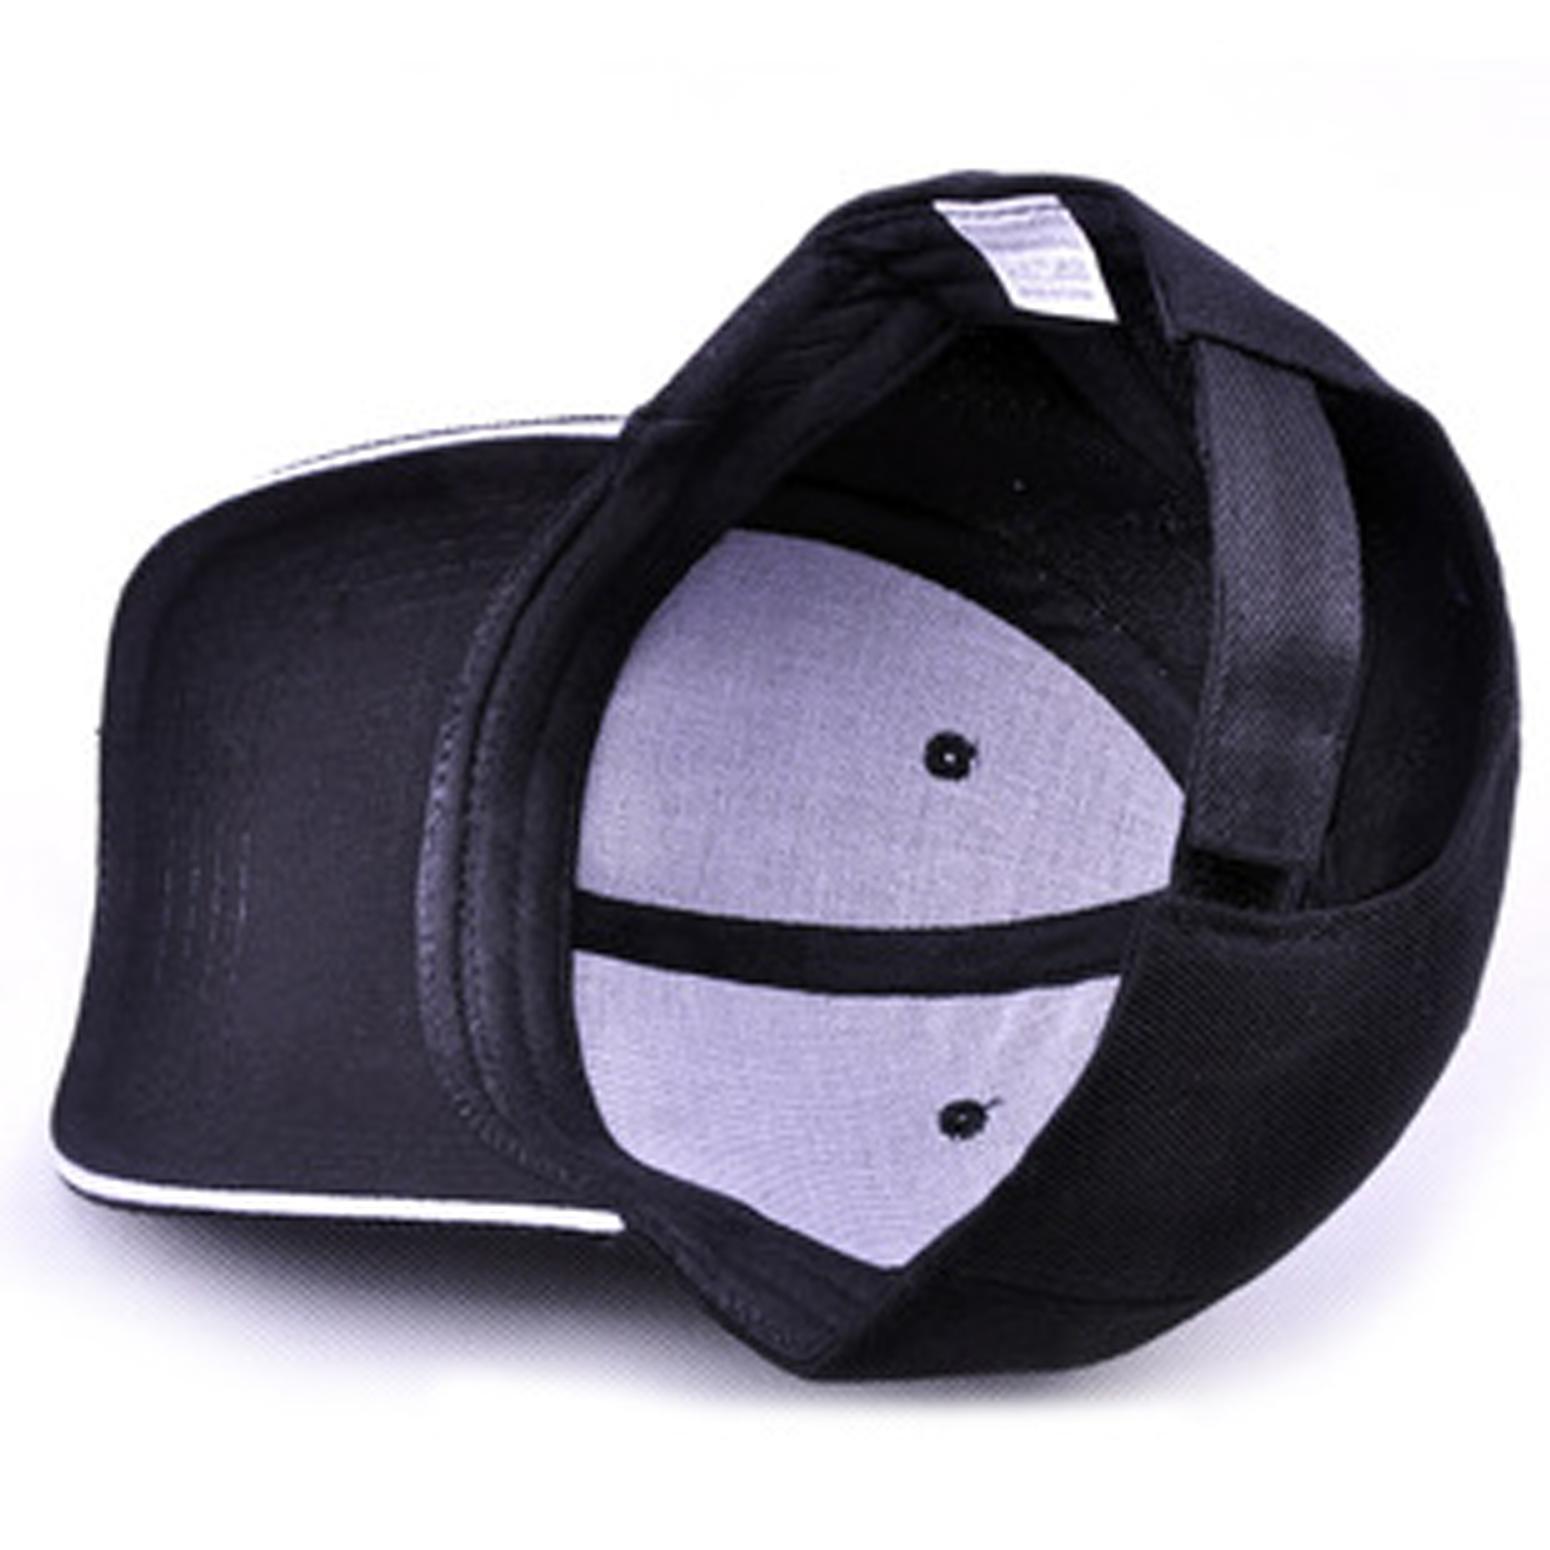 06167a3dd One Piece Trafalgar Law Heart Pirates Flocking Adjustable Baseball Cap 1  only!